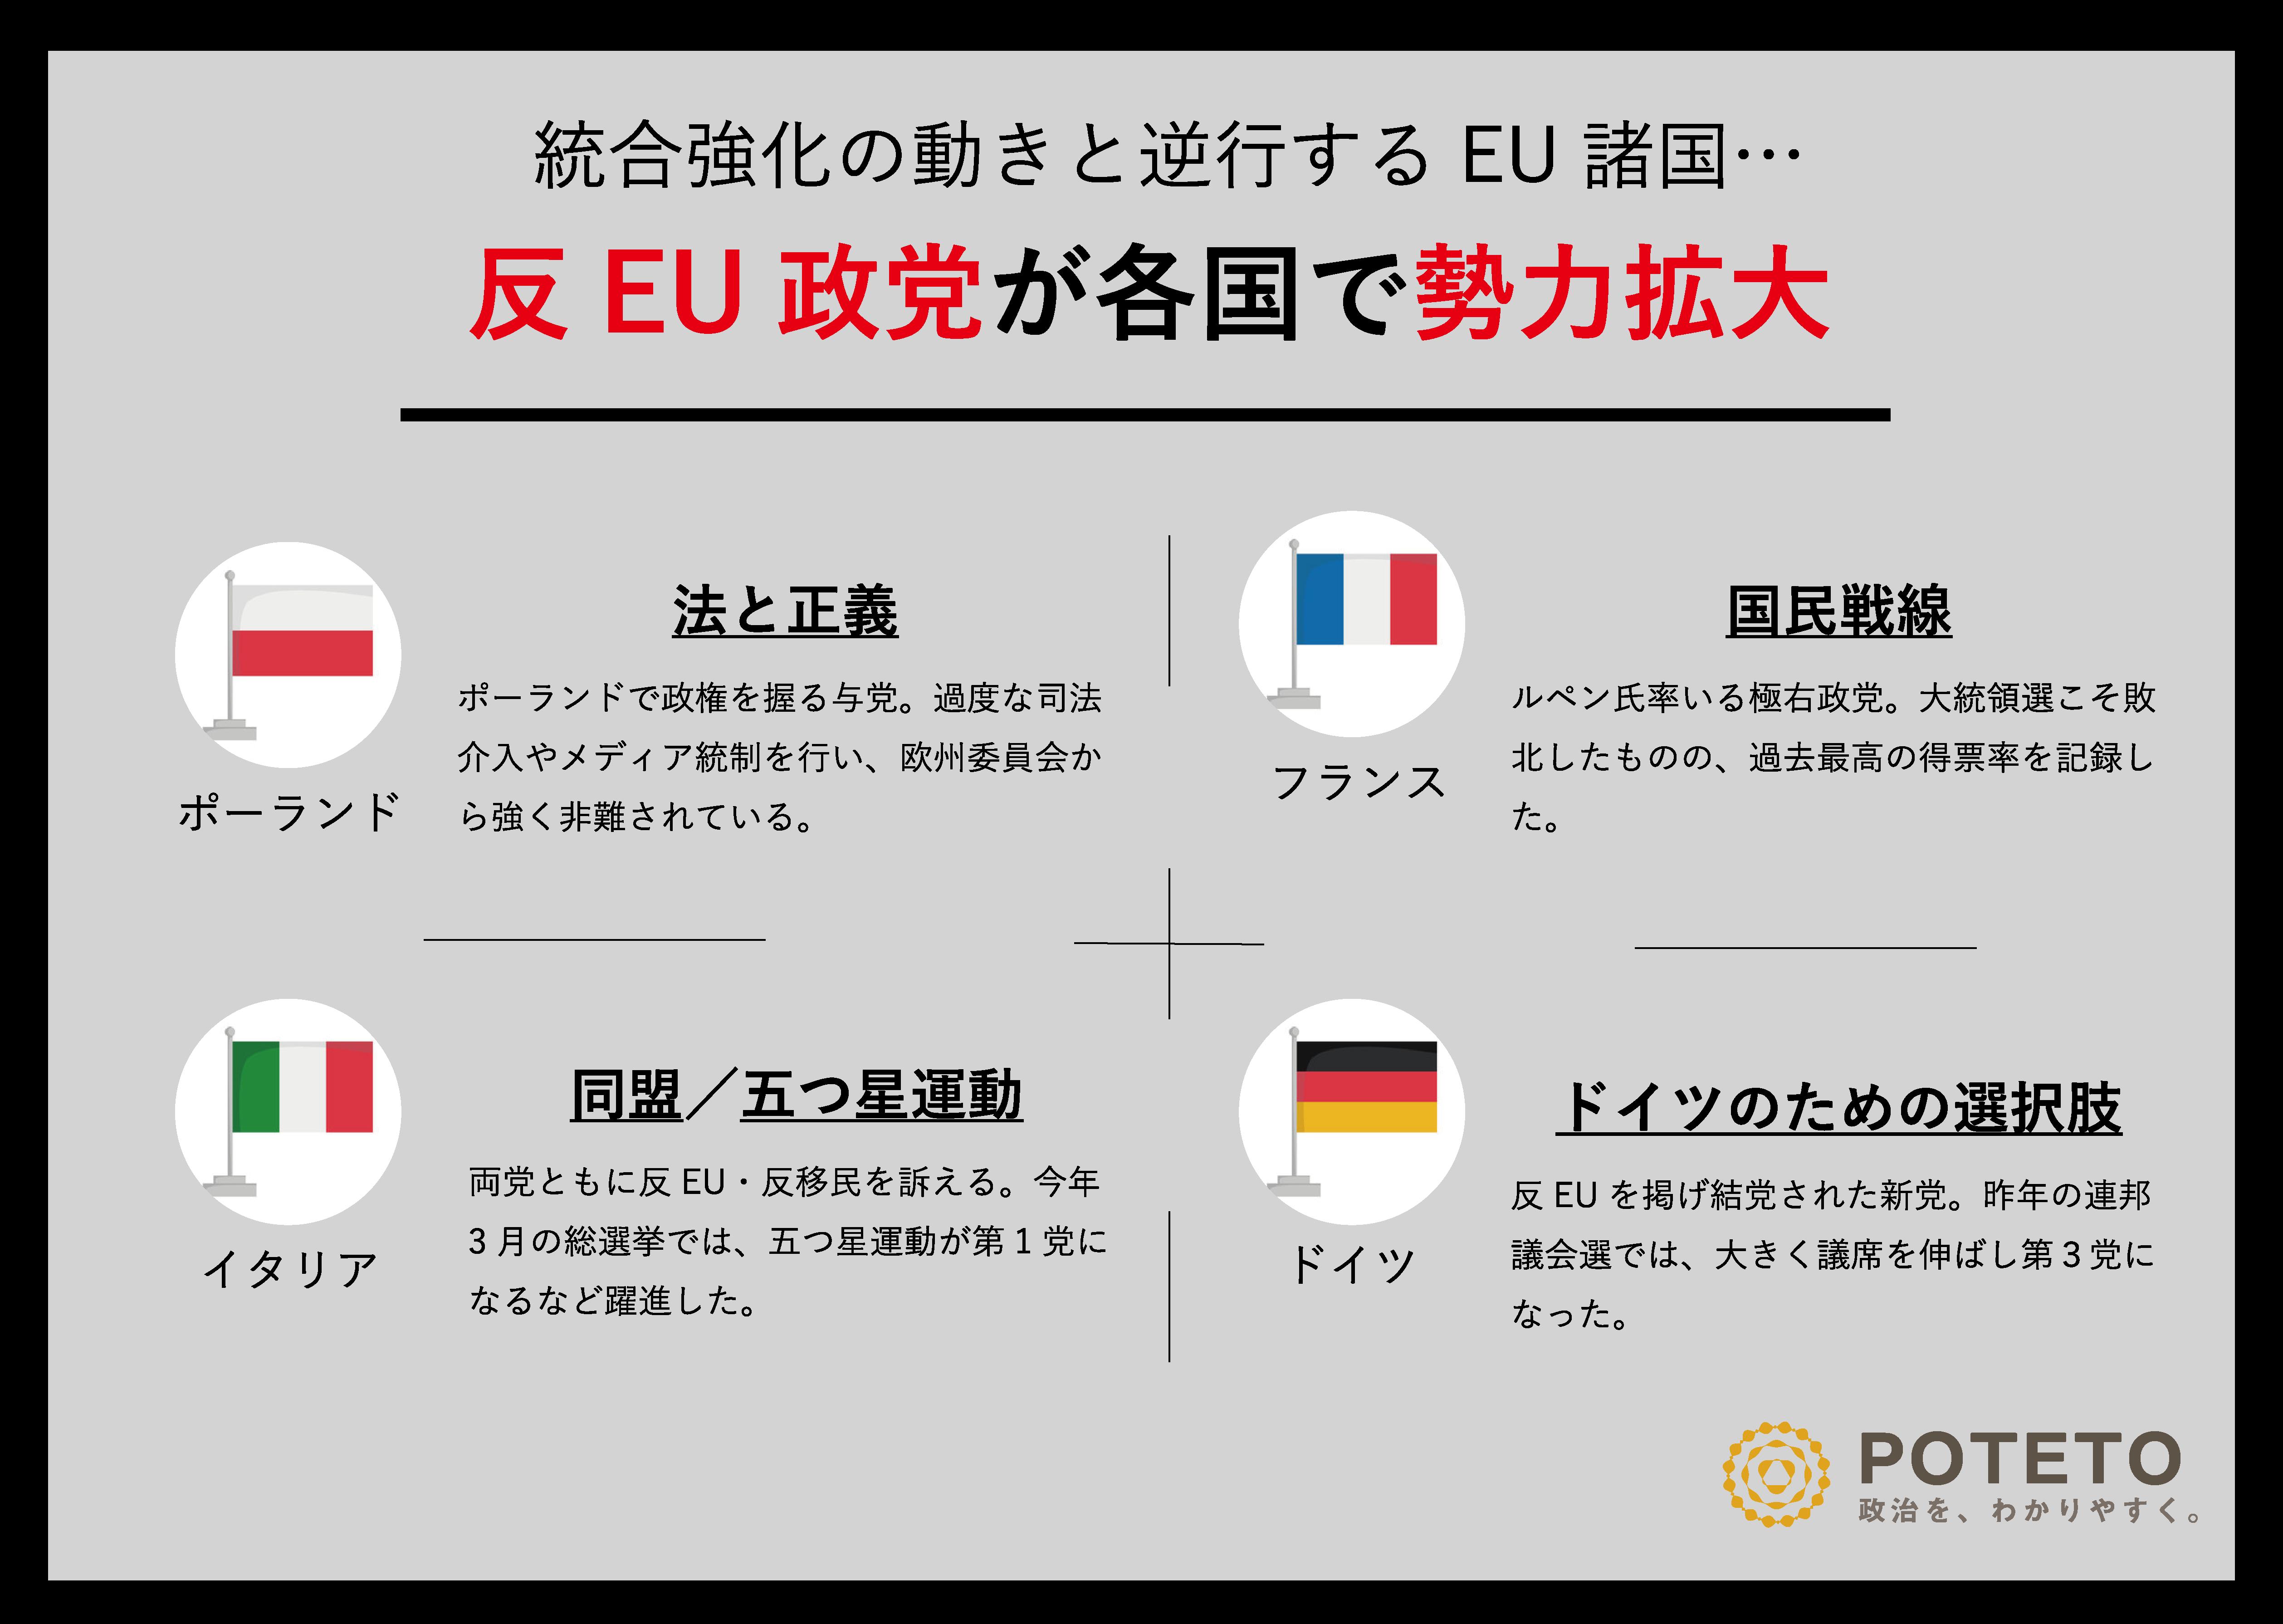 f6a2756cb4377ca4242a04de6be9eca5 - EUに広がる「反EU」「反移民」の波